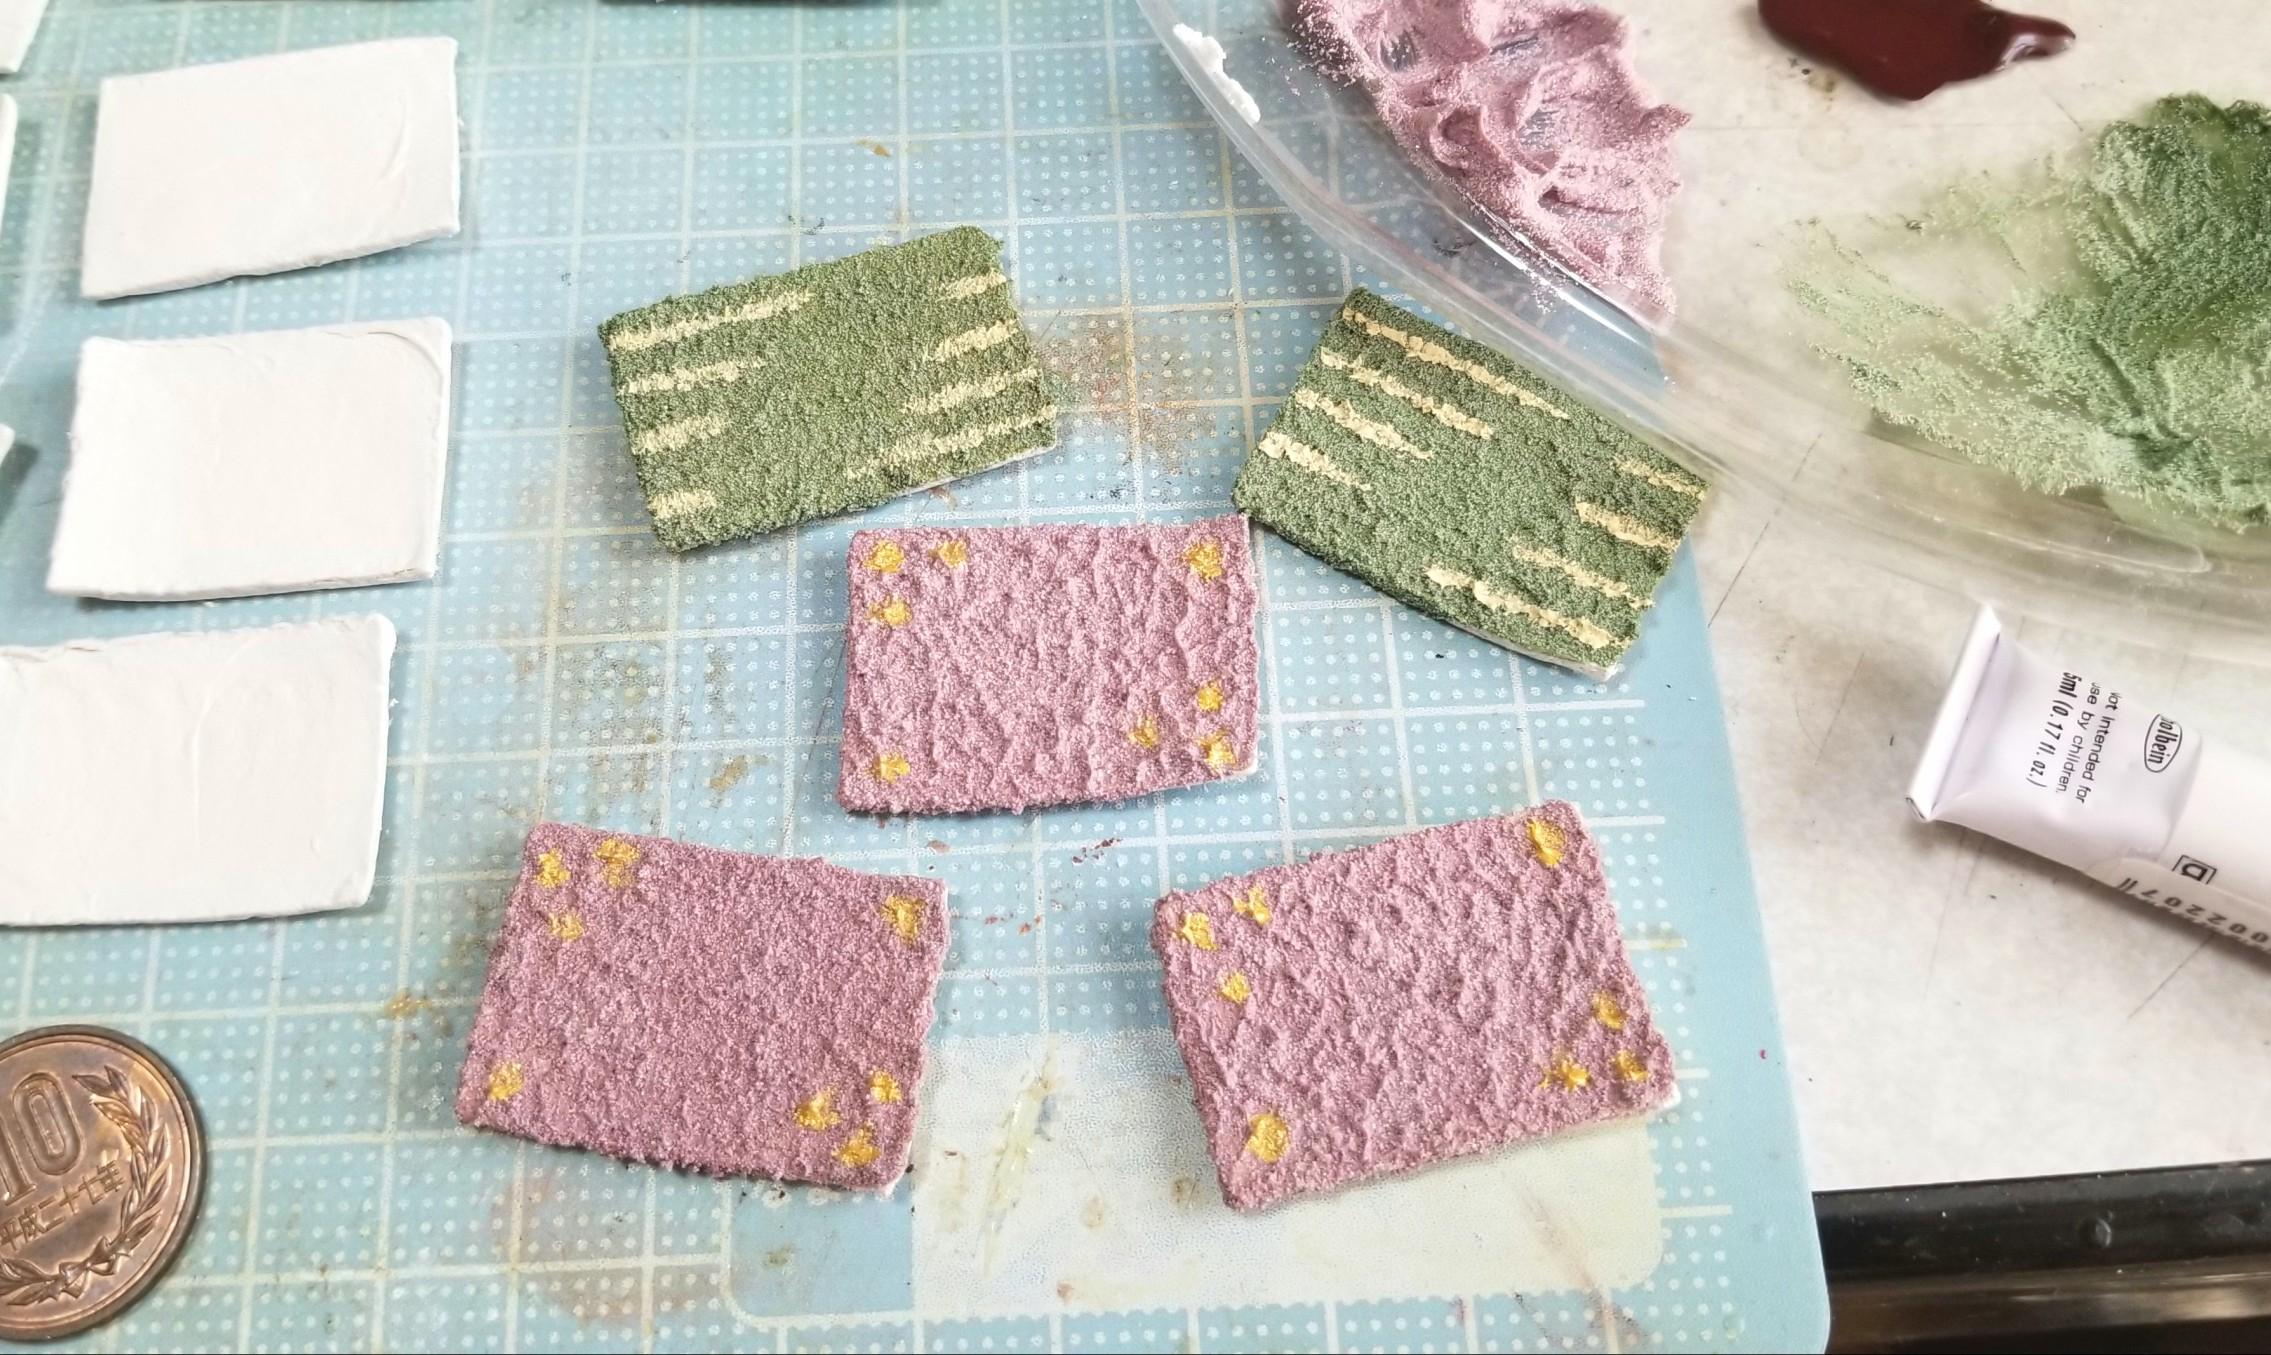 ミニチュア,和食器の作り方,お皿,陶器風,着色,ラドール,樹脂粘土